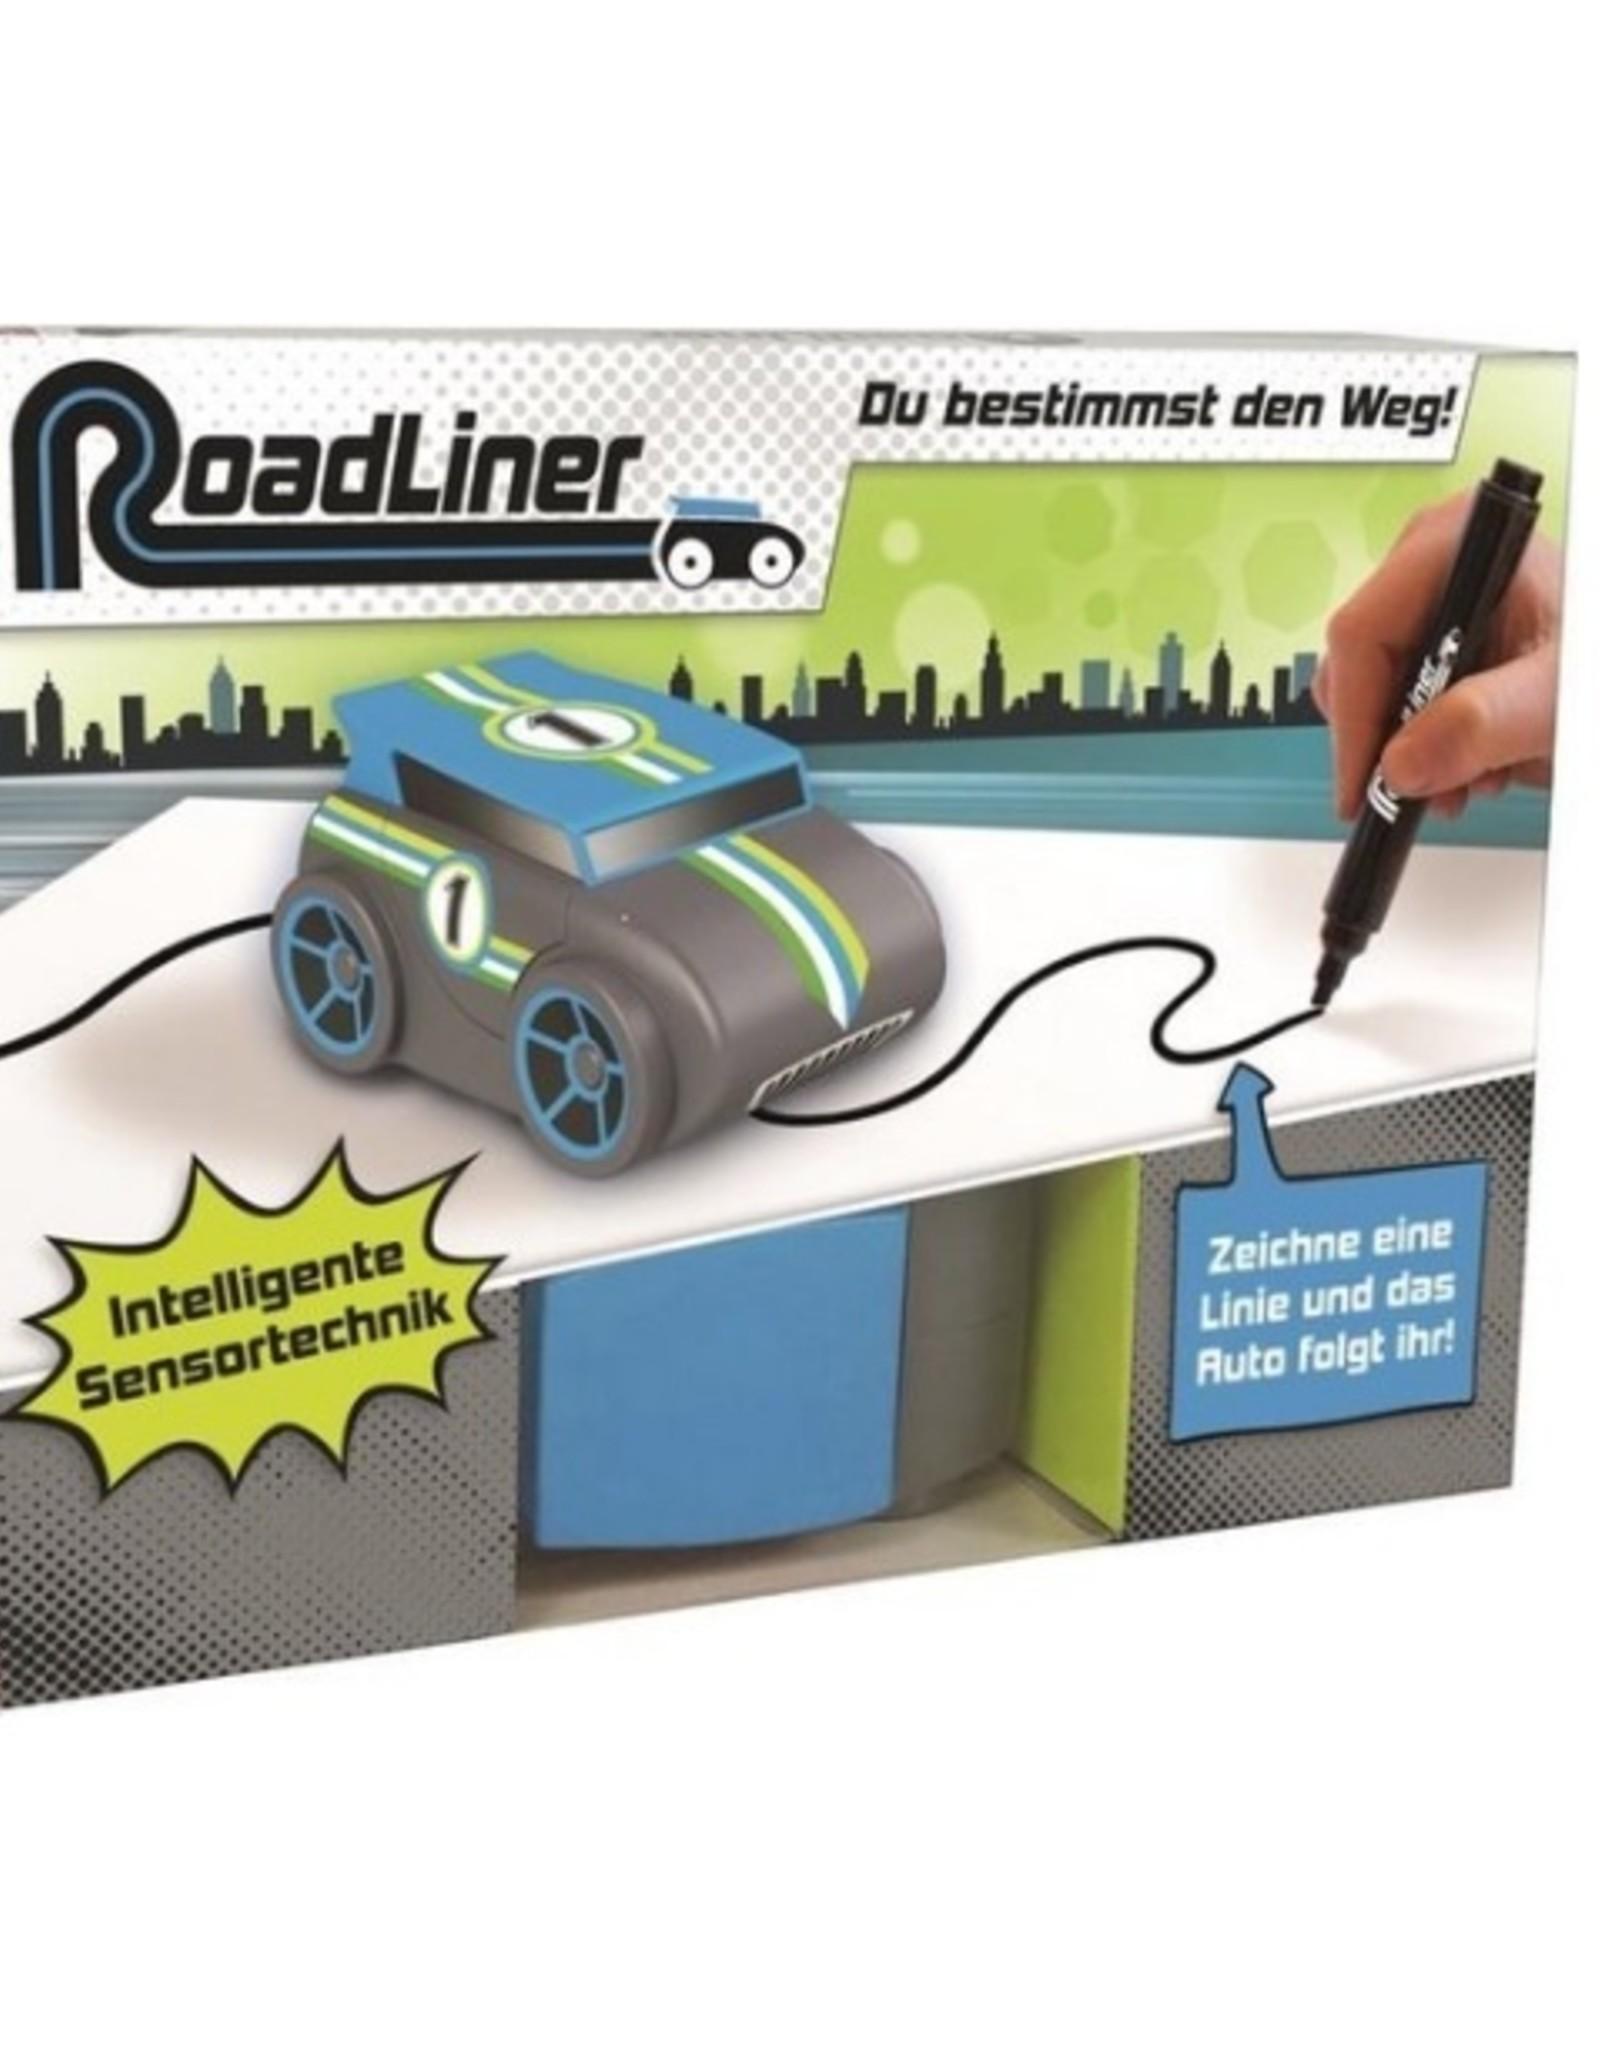 Die Spiegelburg PRE- ORDER Roadliner  rond 15 nov verwacht